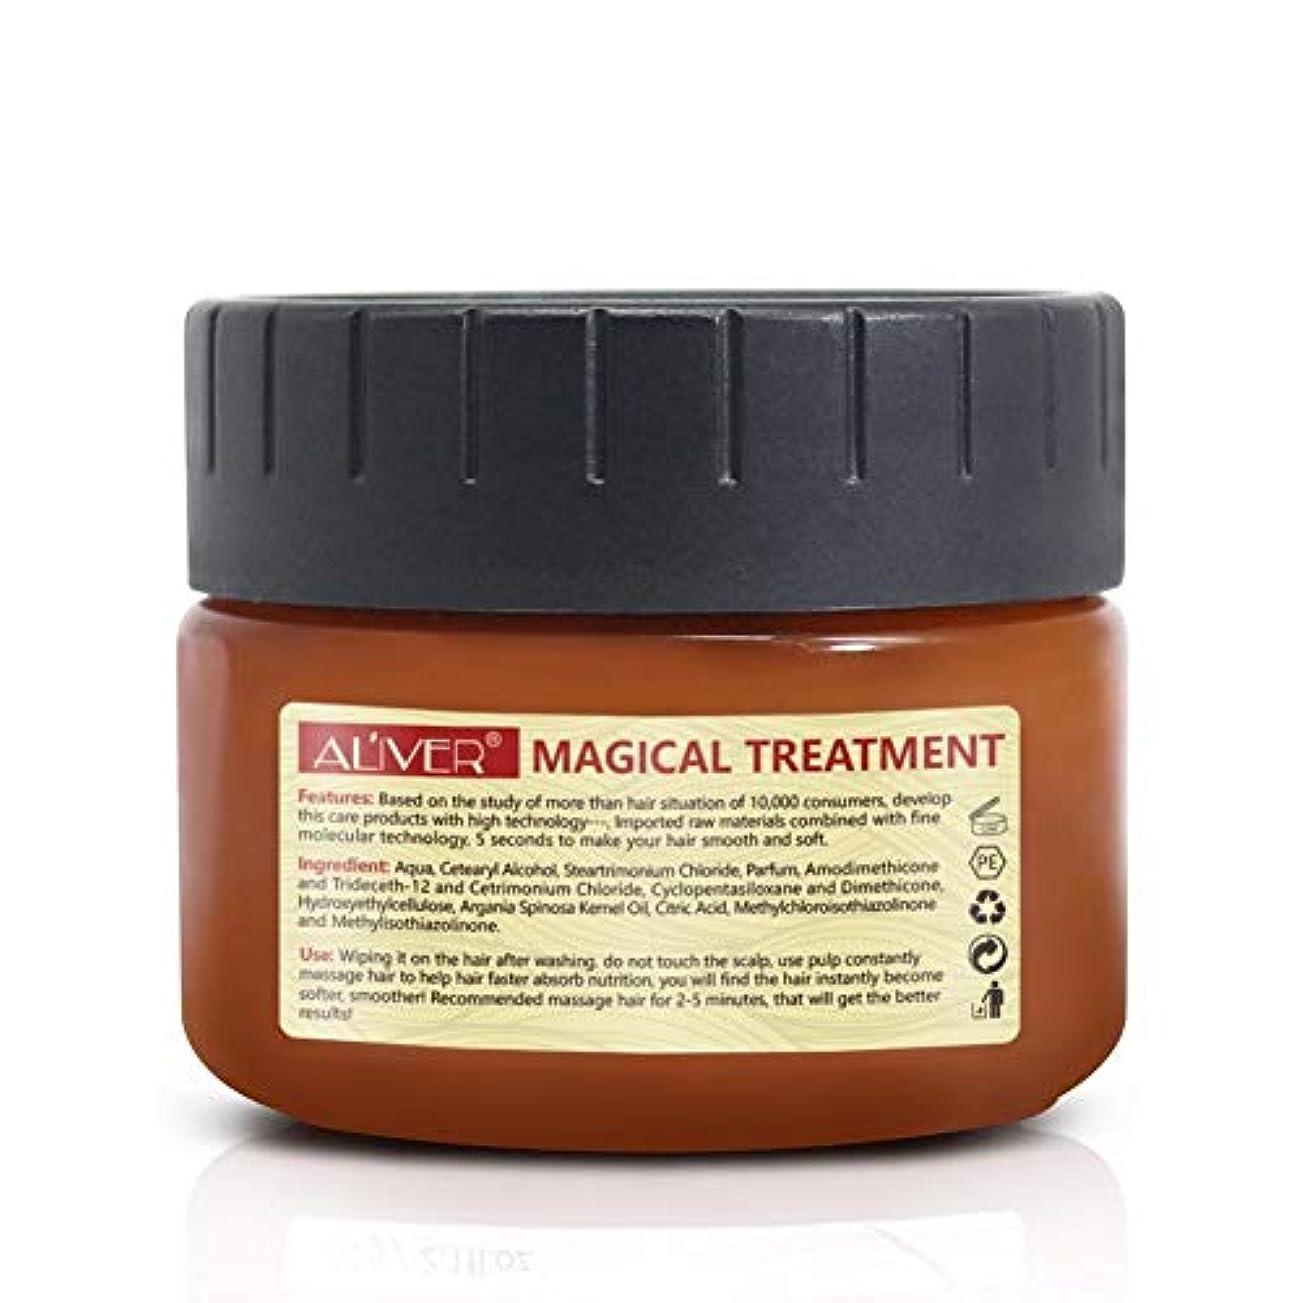 受粉するシャークタールBETTER YOU (ベター ュー) ディープリペアマスク、髪に栄養を与え、乾燥を防ぎ、傷んだ髪を修復し、オイルをコントロールし、ふけを取り除きます